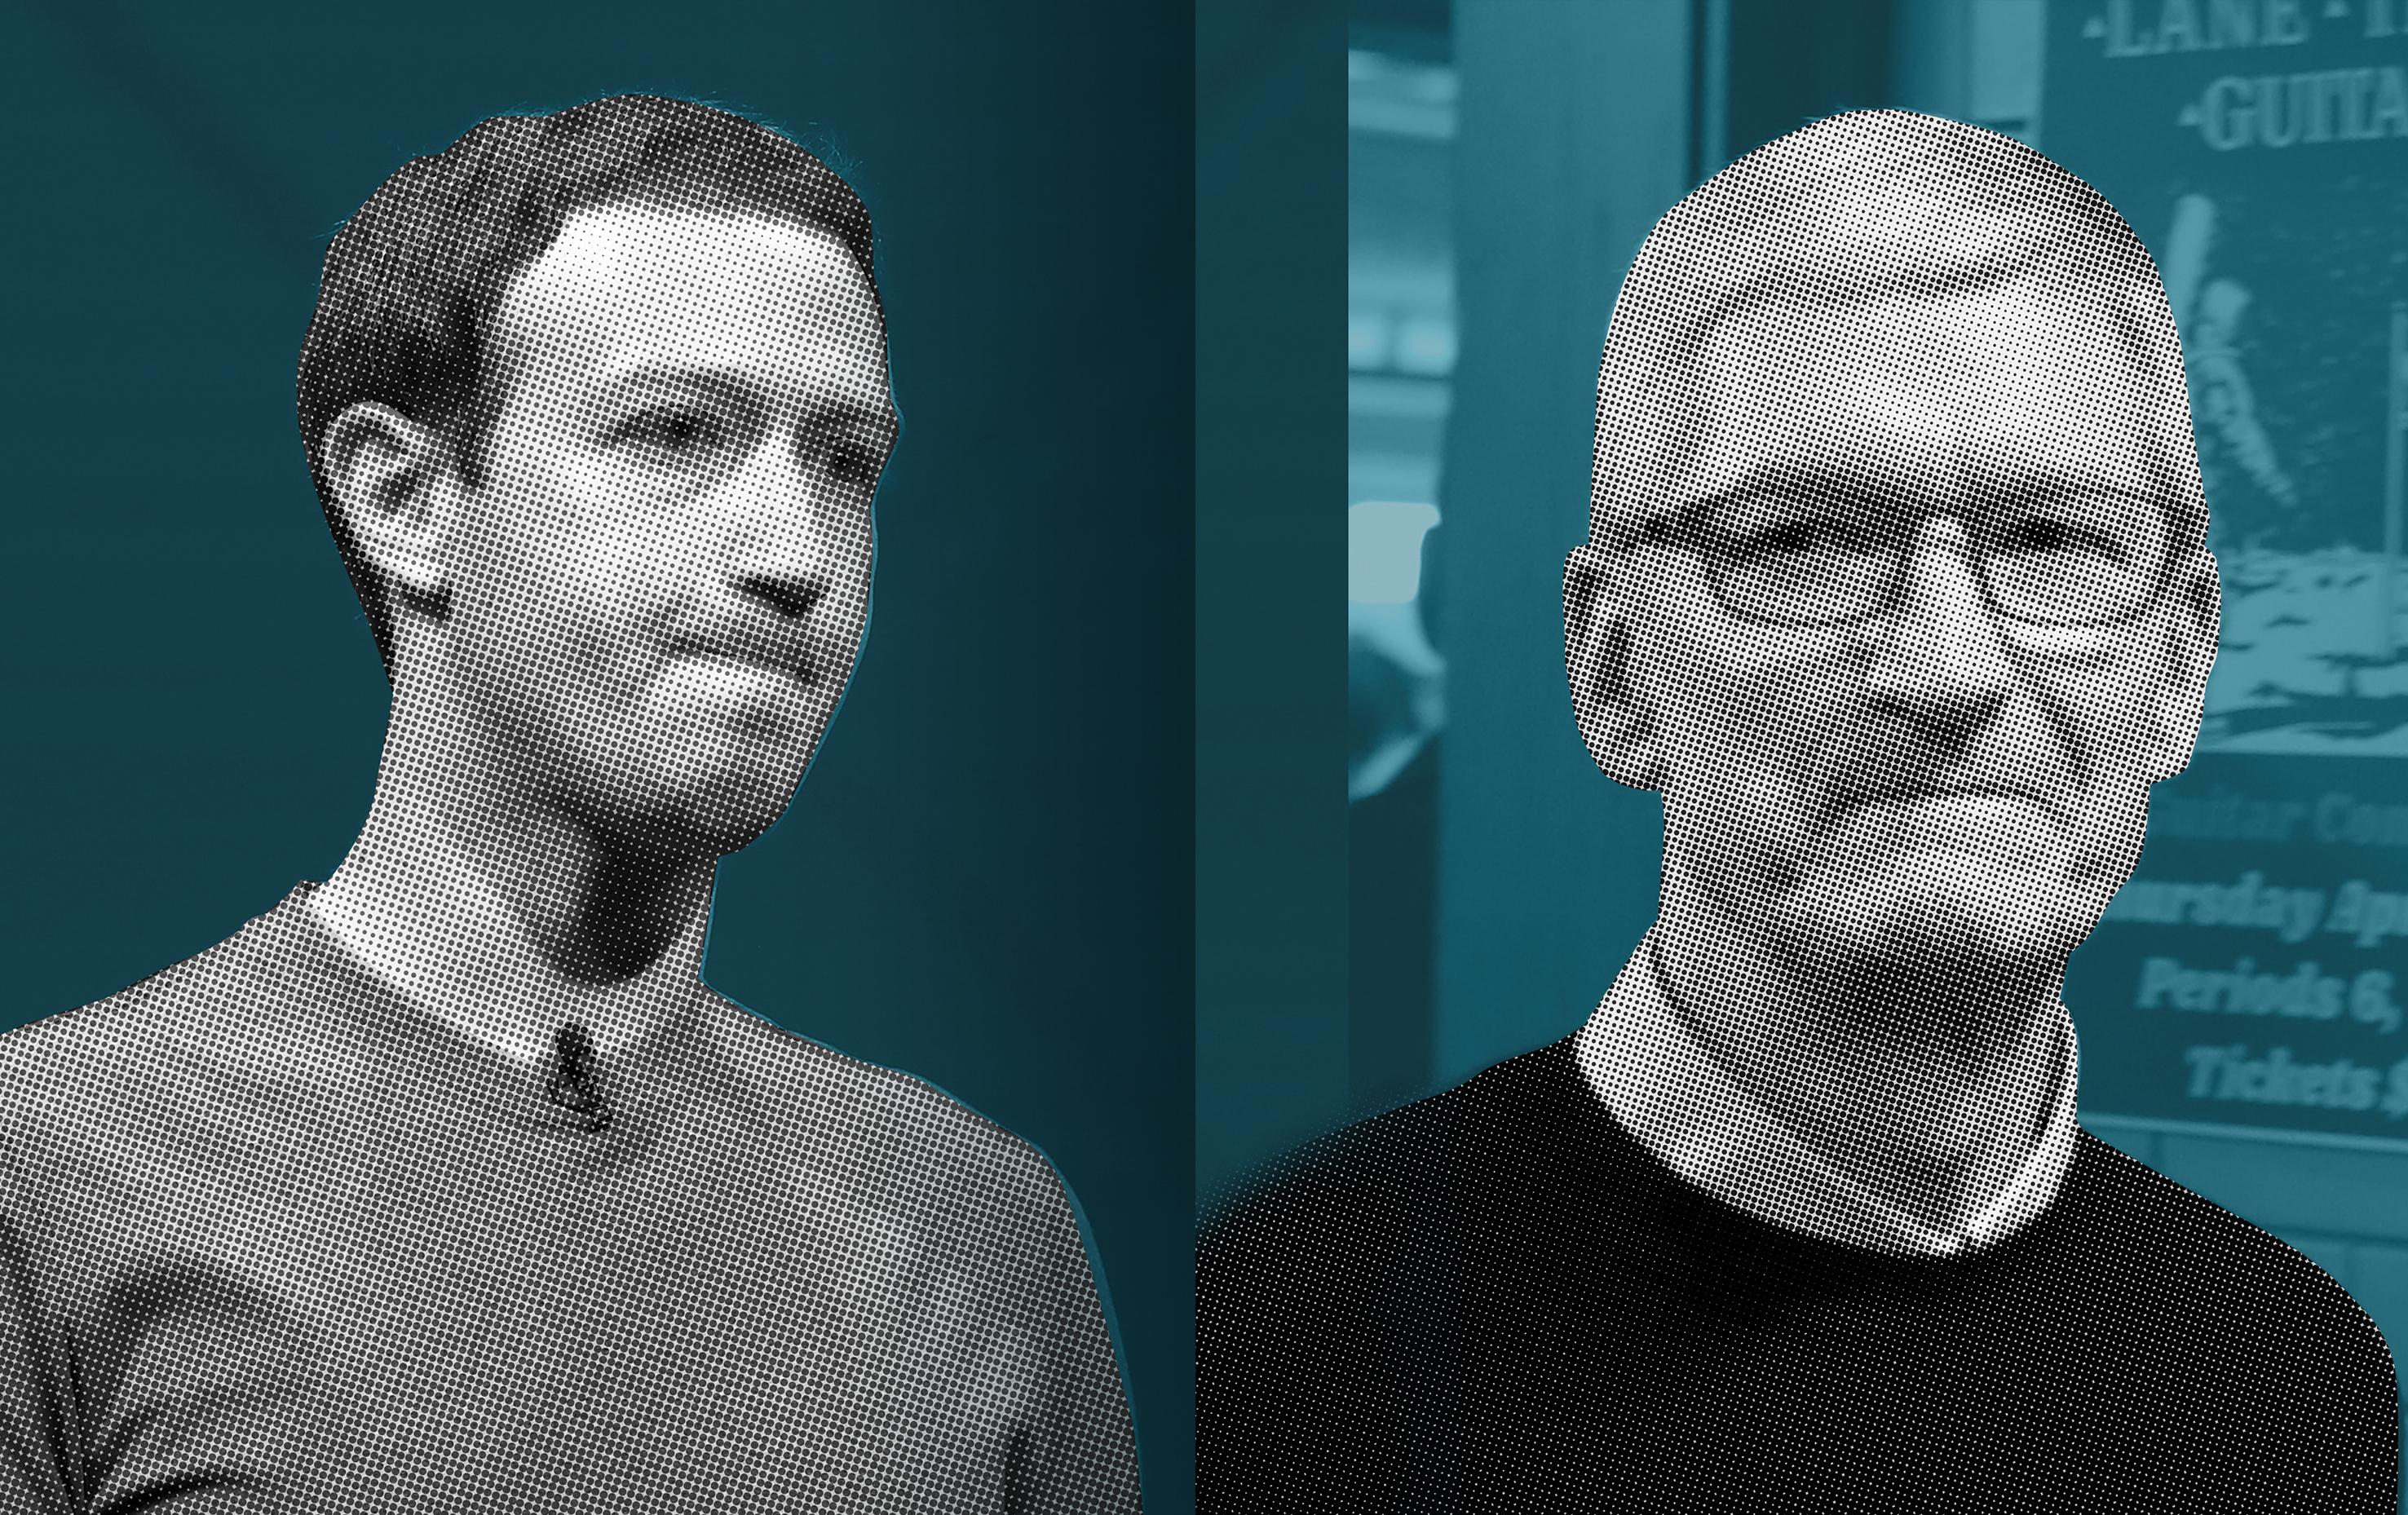 «Слишком поверхностно и недостоверно»: Цукерберг ответил Куку на критику в адрес Facebook